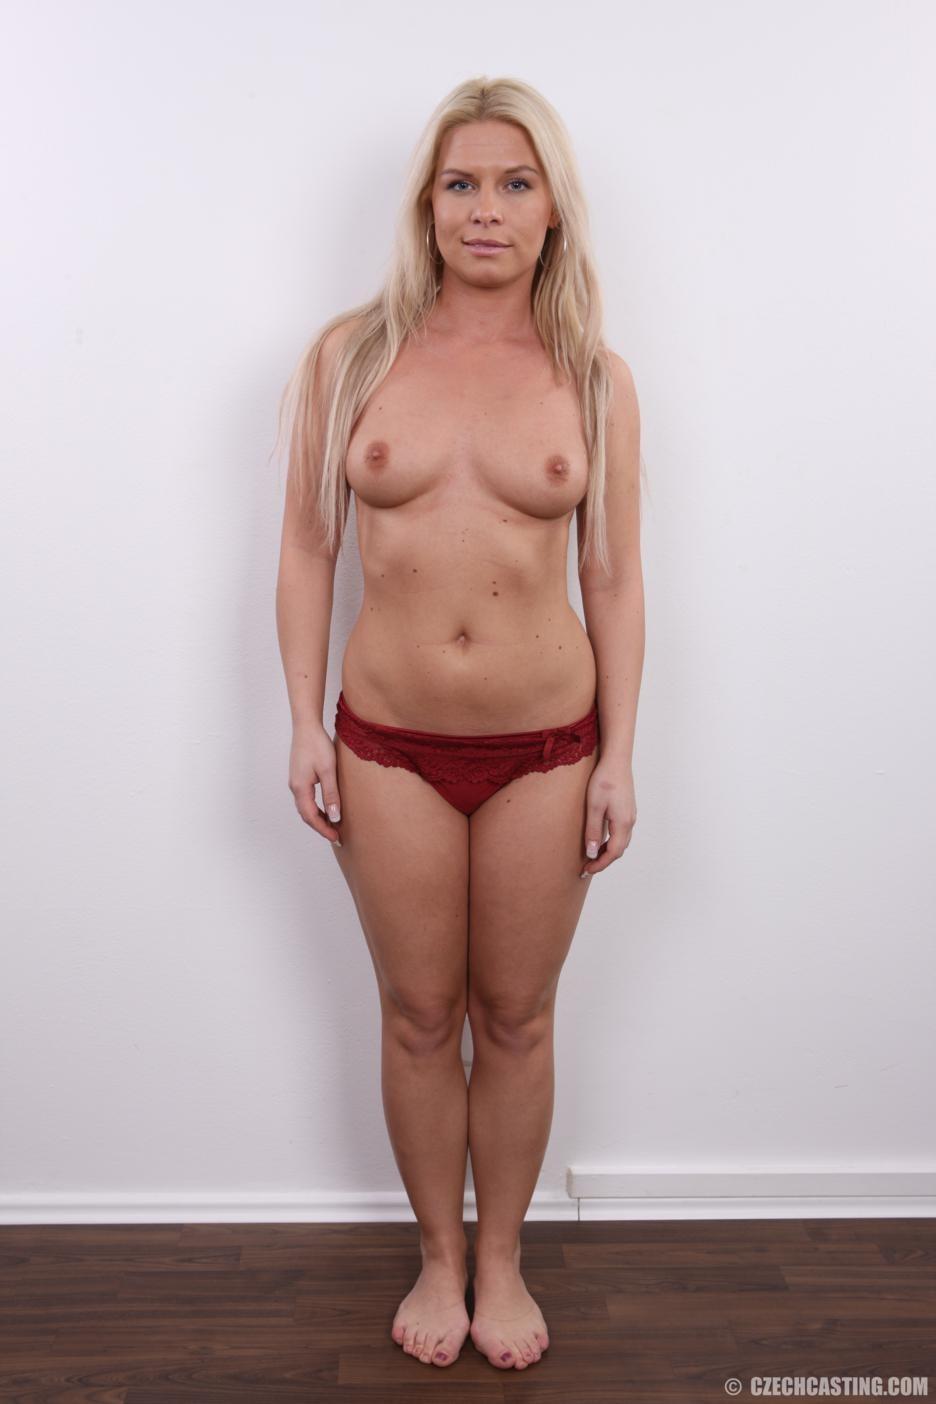 Фигуристые женщины - Галерея № 3450810